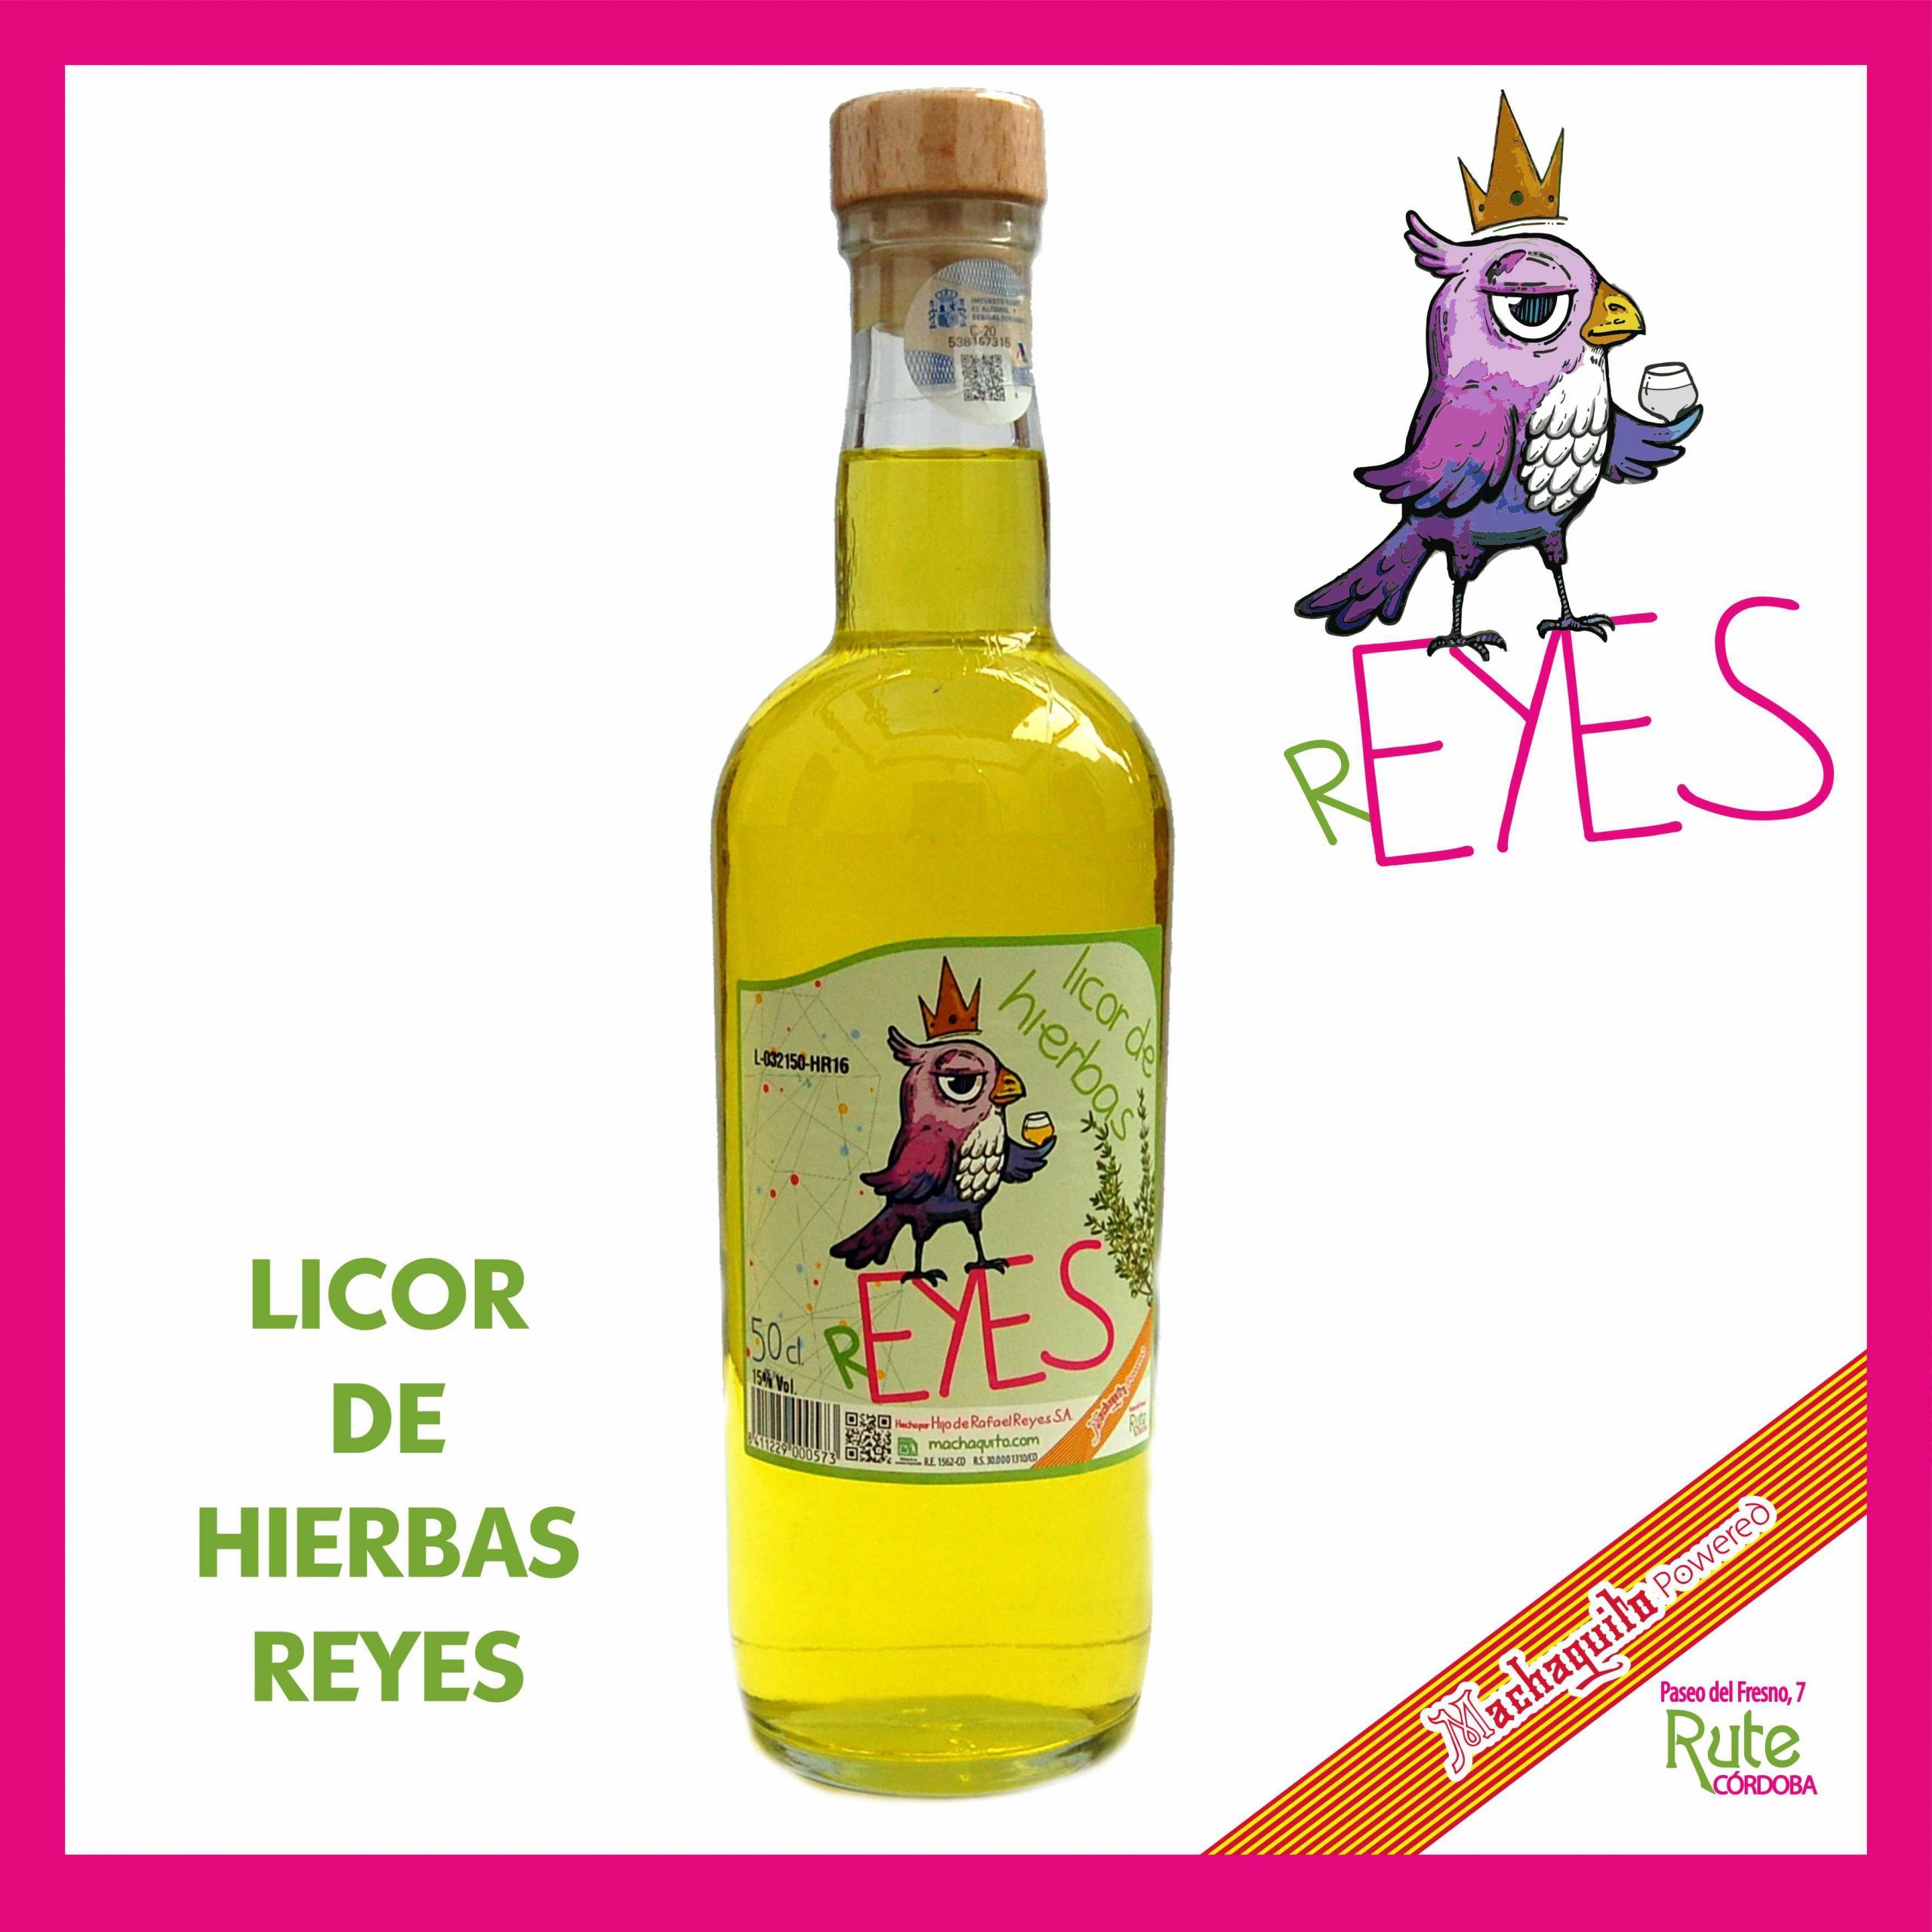 LICOR DE HIERBAS 50